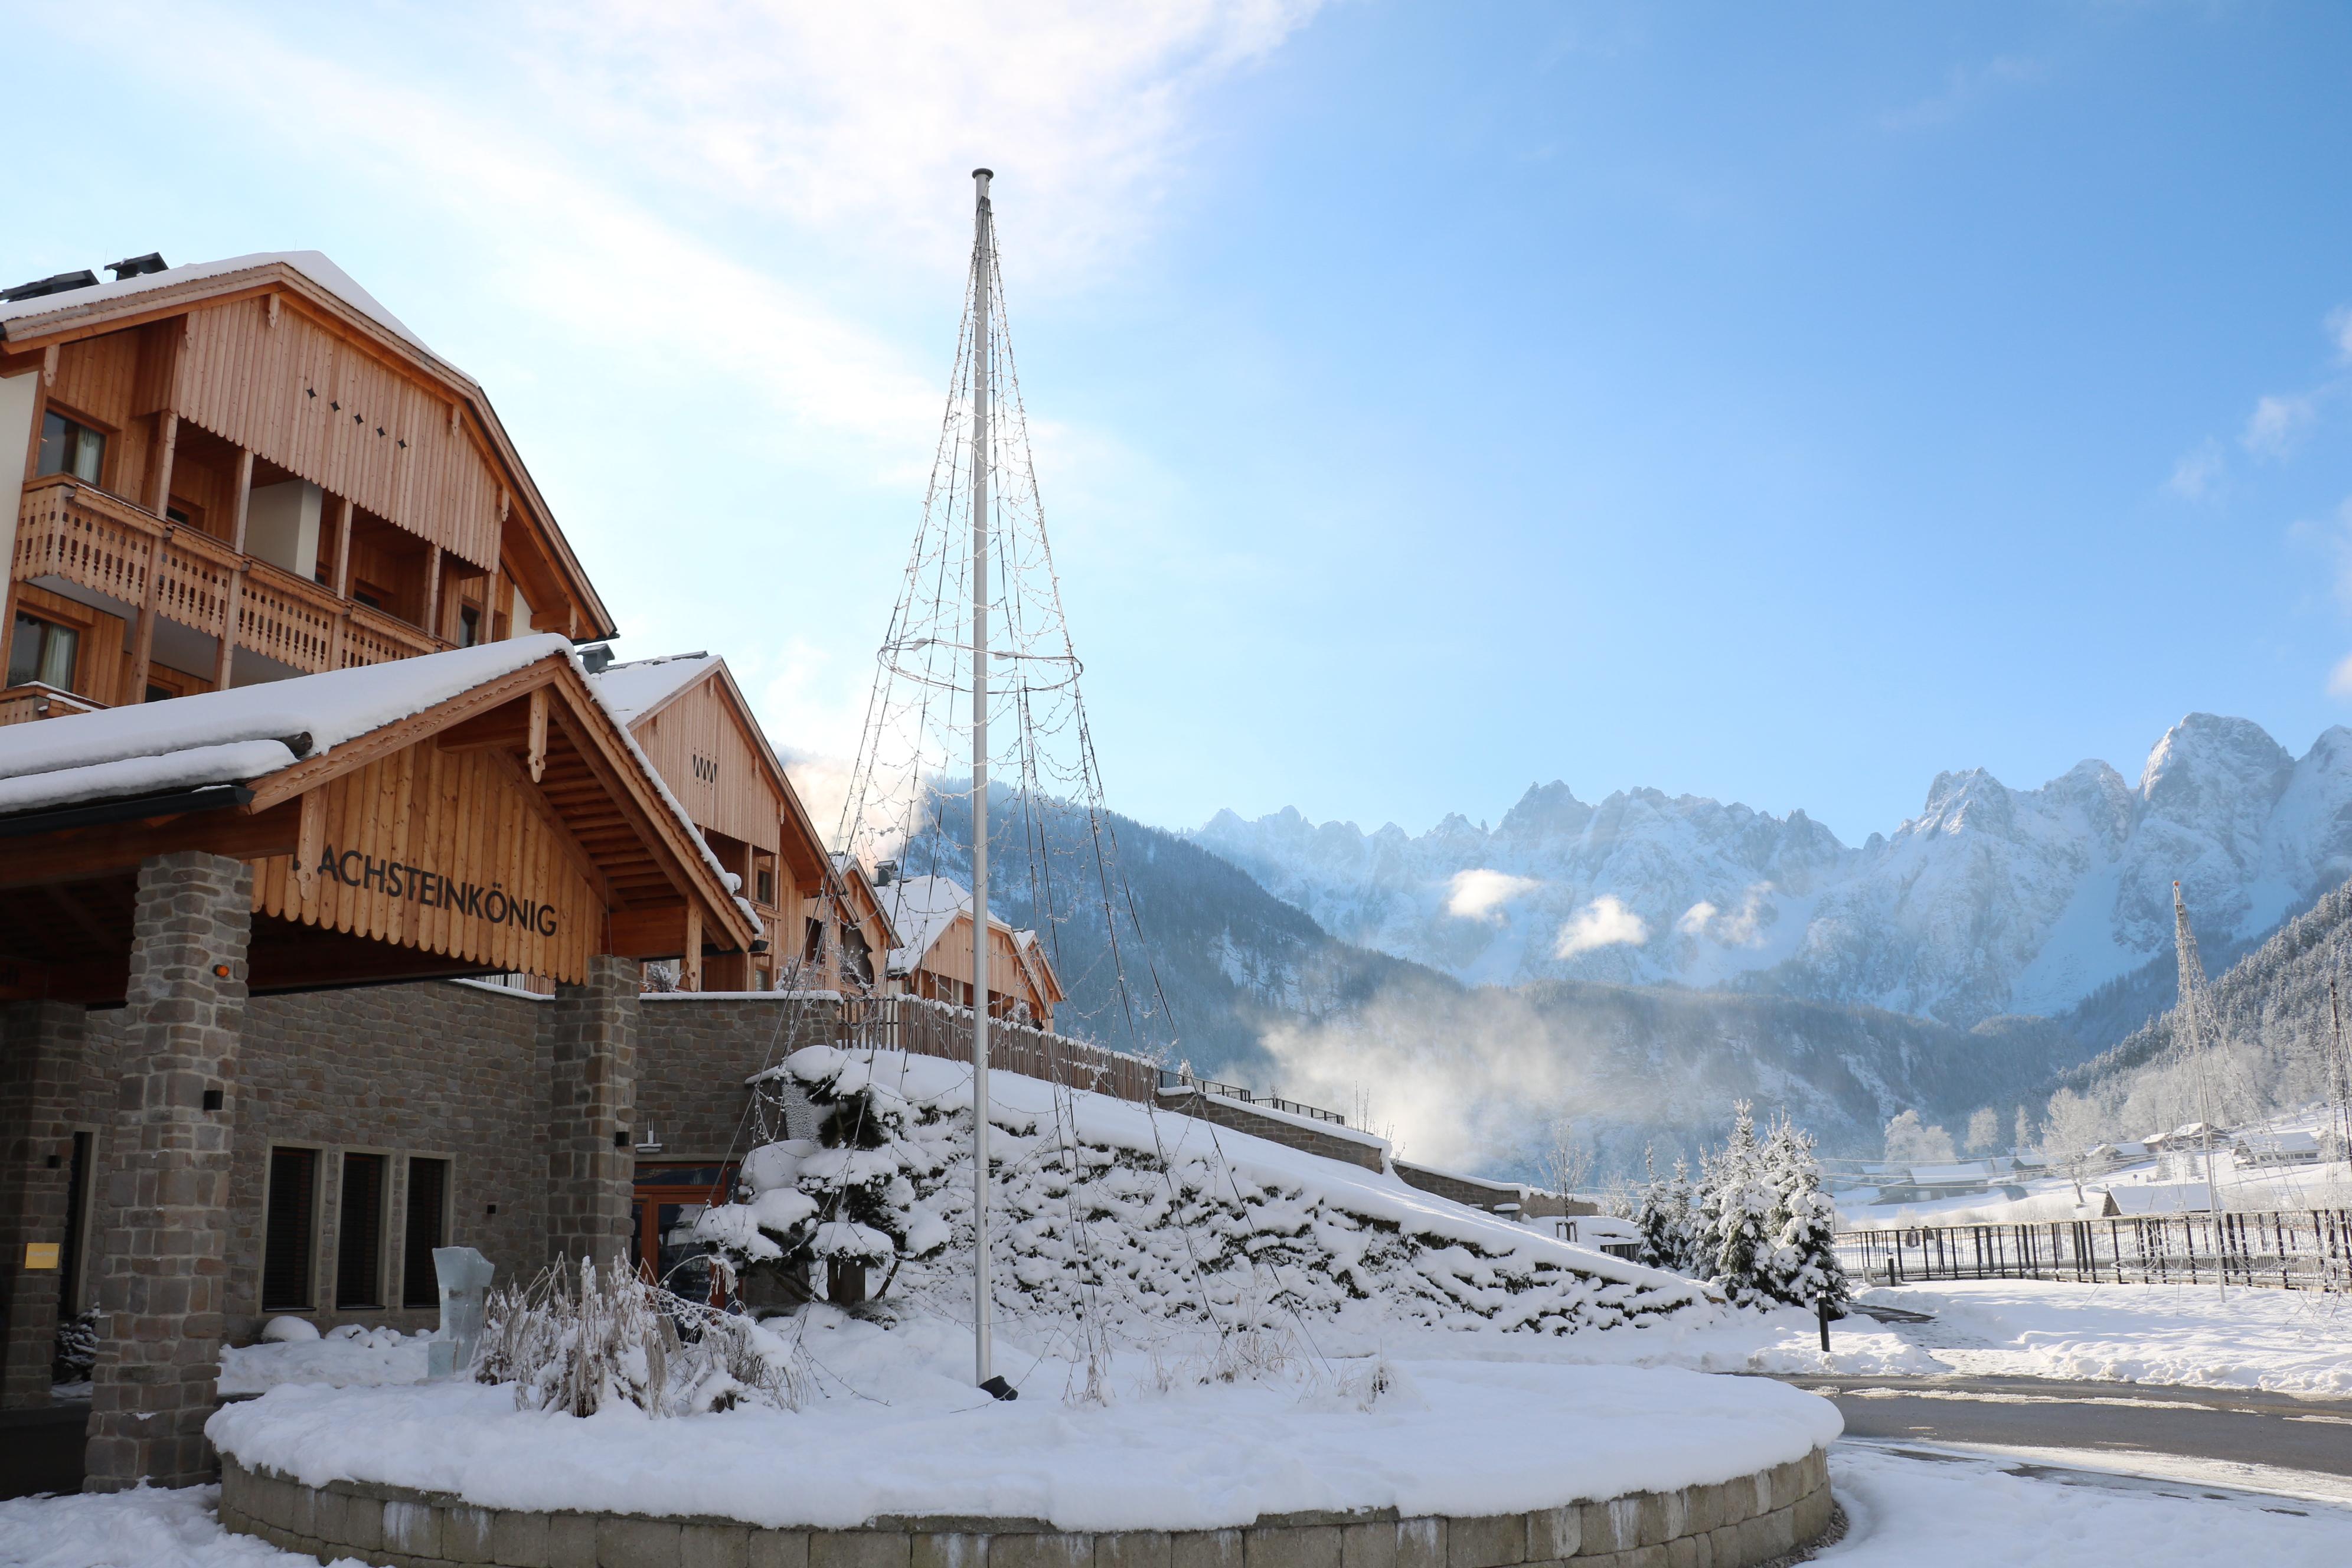 Family Hotel Dachsteinkönig – Wieder eine tolle Pressereise…